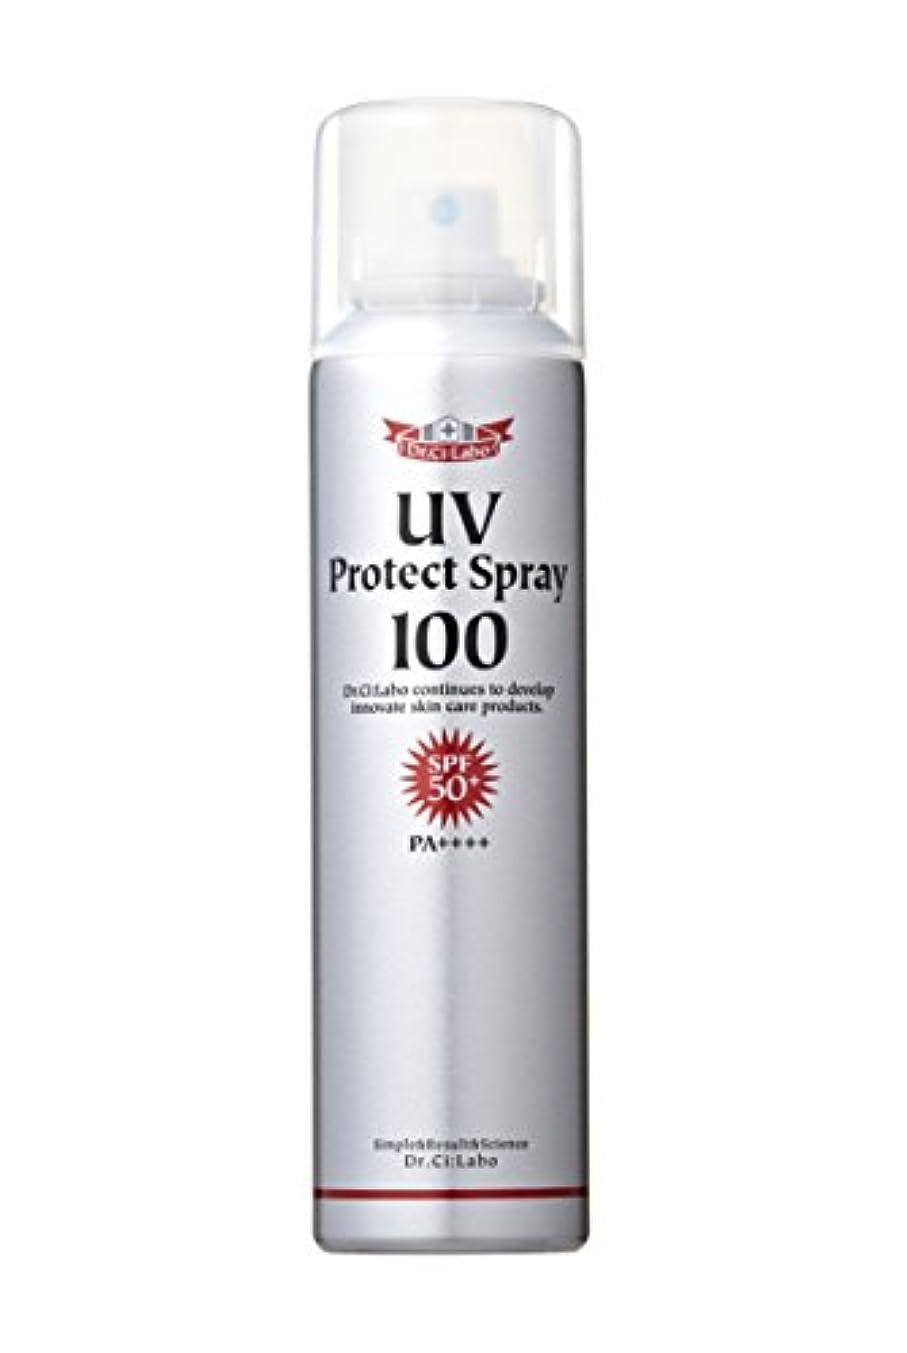 ドクターシーラボ UVプロテクトスプレー100 日焼け止め 100g